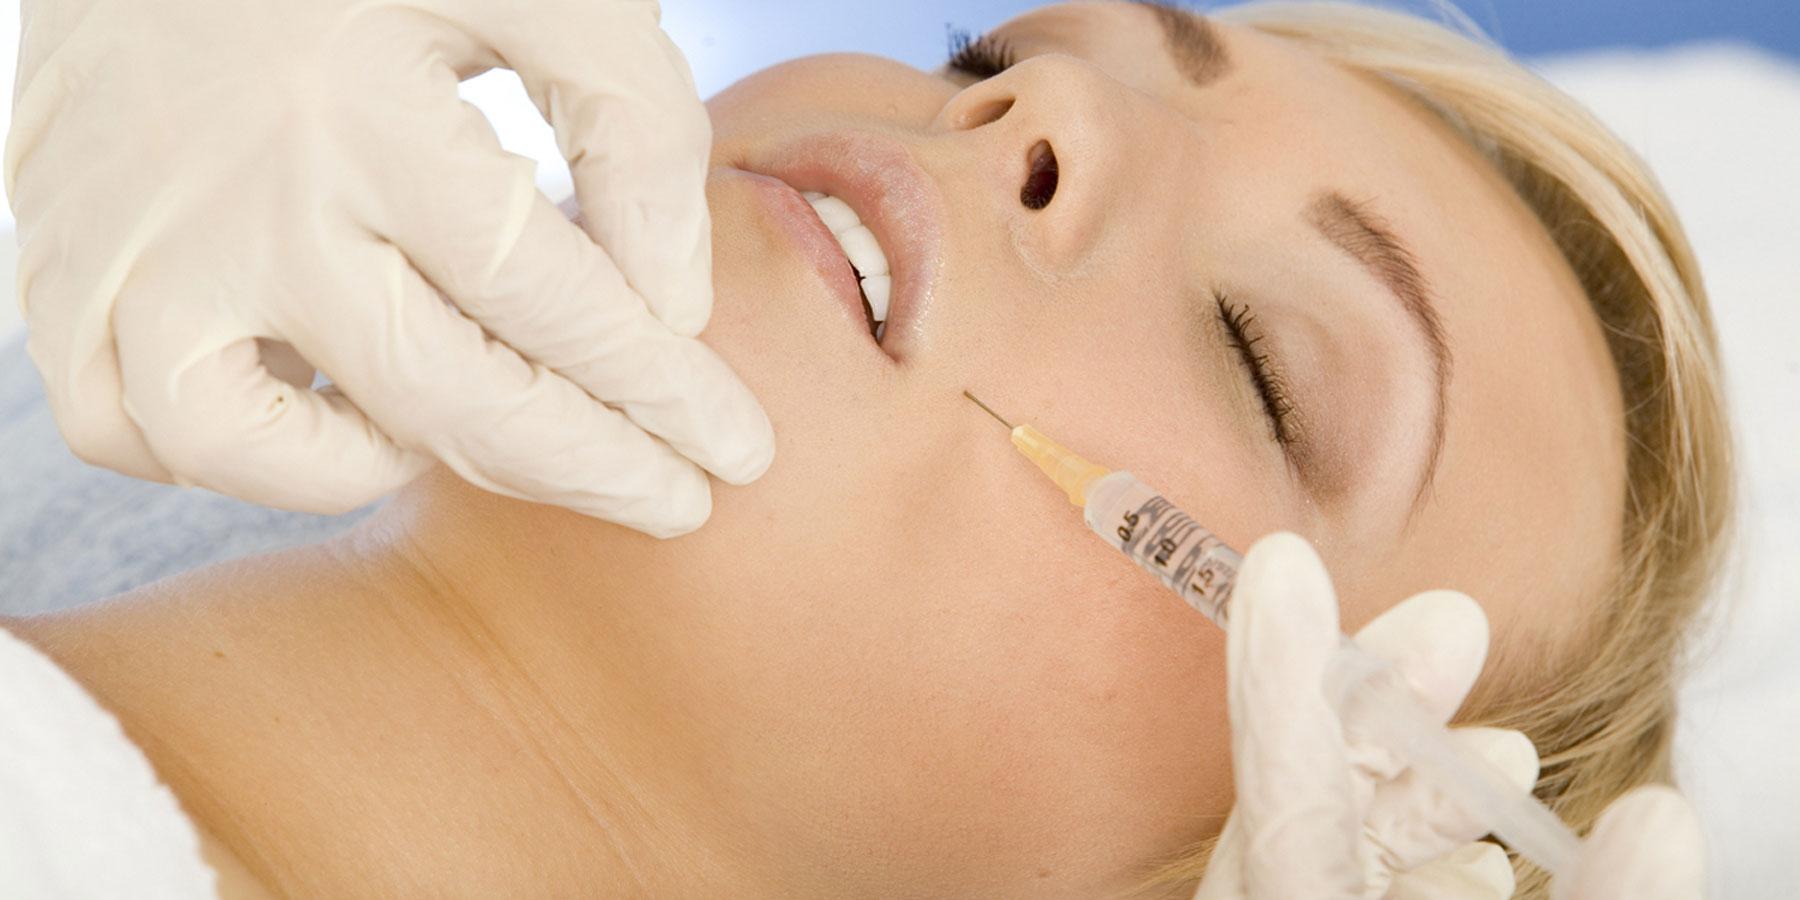 Эпиляция без боли или как облегчить процедуру эпиляции